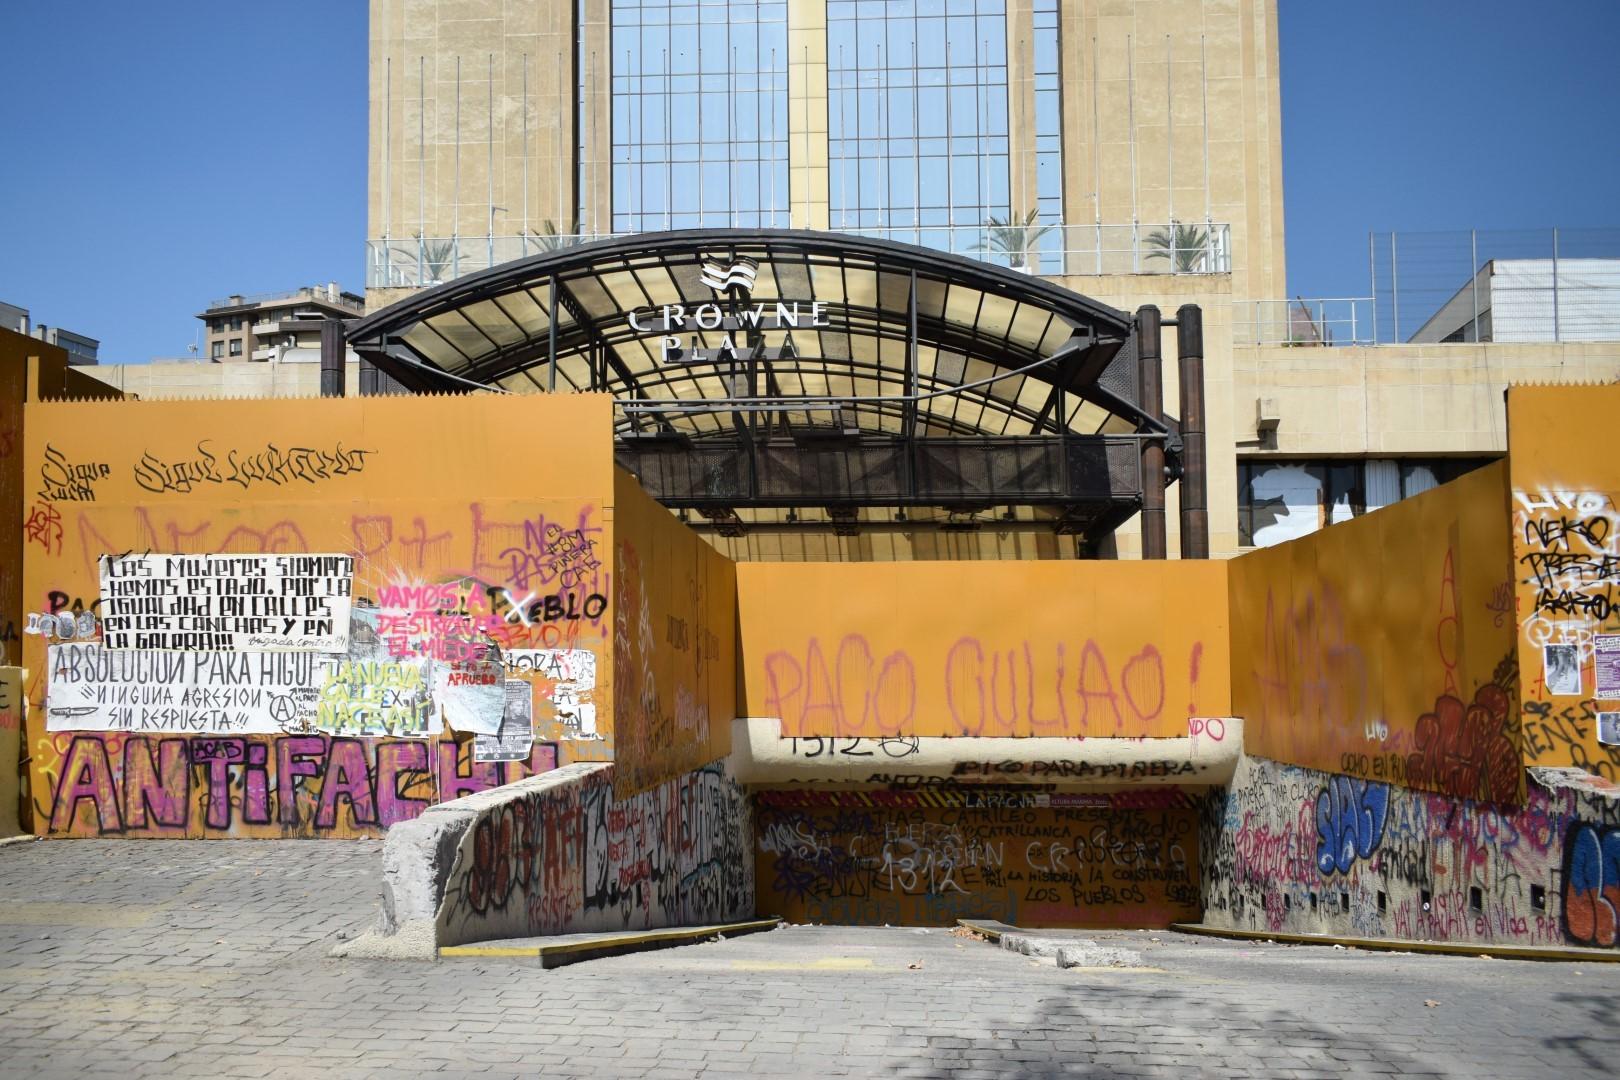 The Crowd Plaza Hotel, La Alameda, Santiago